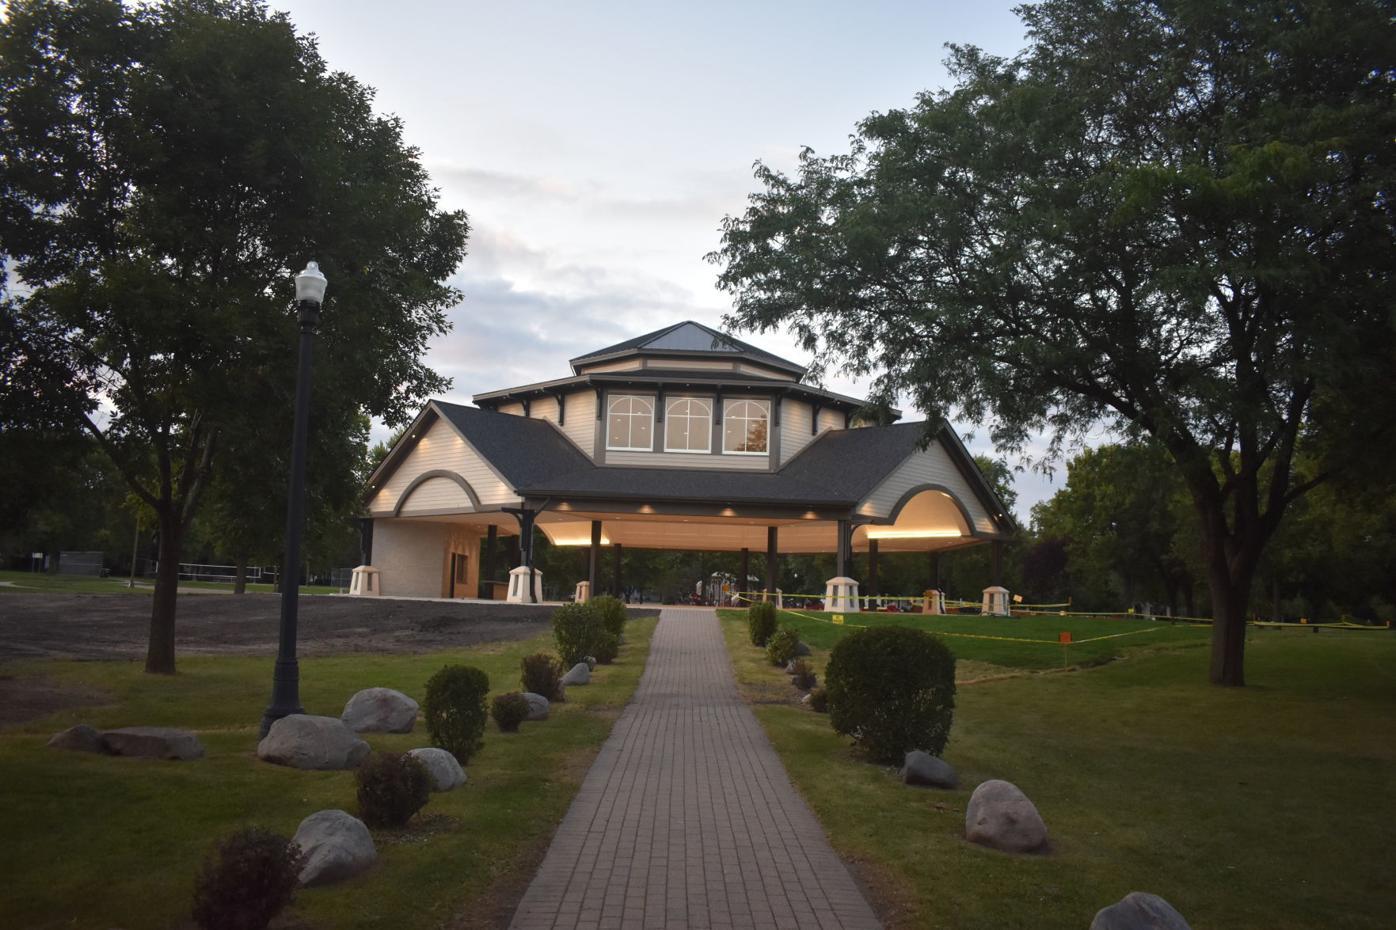 Minnesota Square Park Pavilion